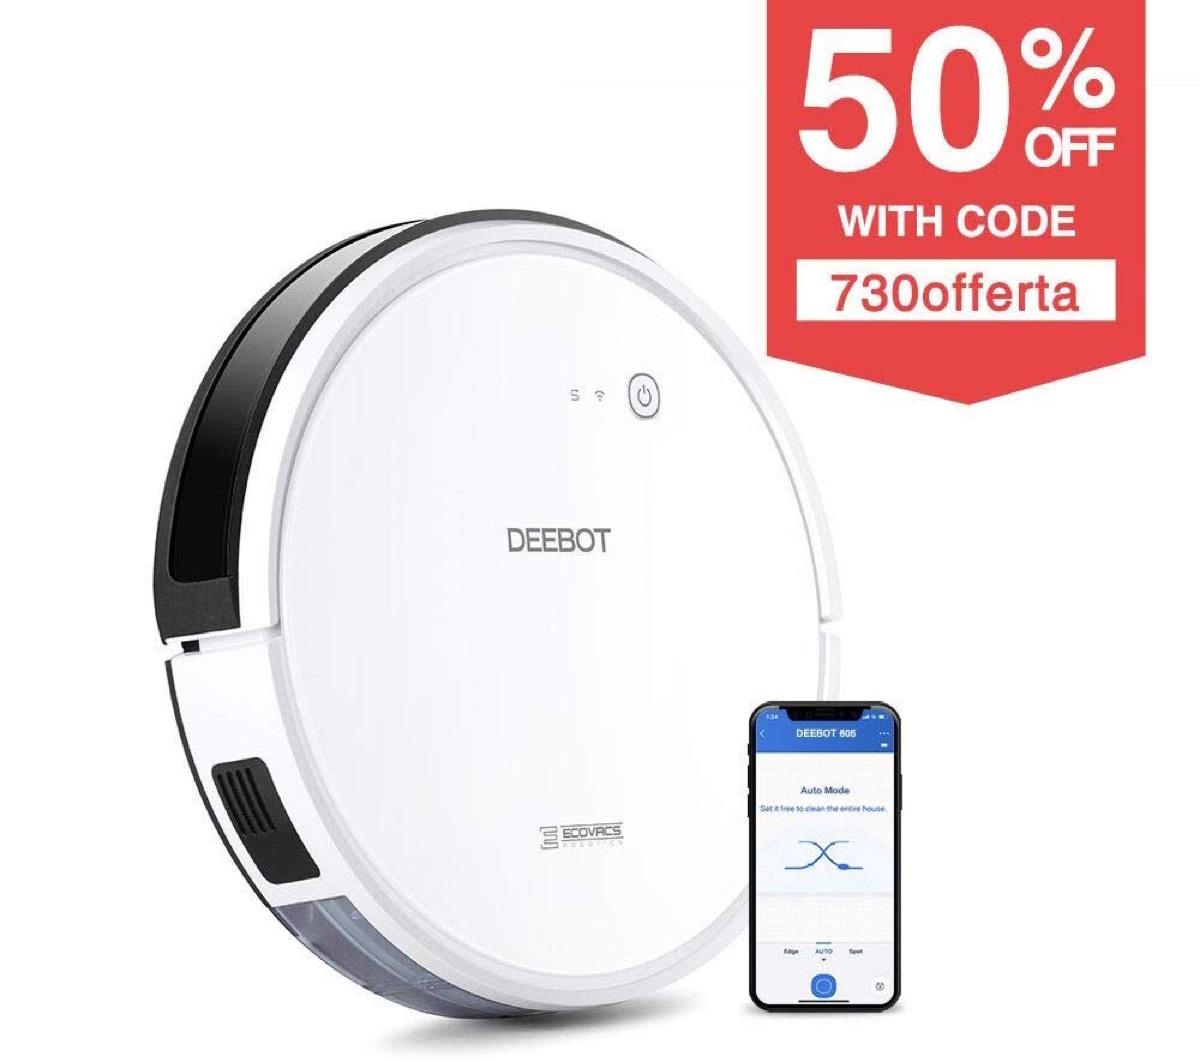 Solo oggi: aspirapolvere robot + lavapavimenti Ecovacs Deebot 605 a meno di metà prezzo